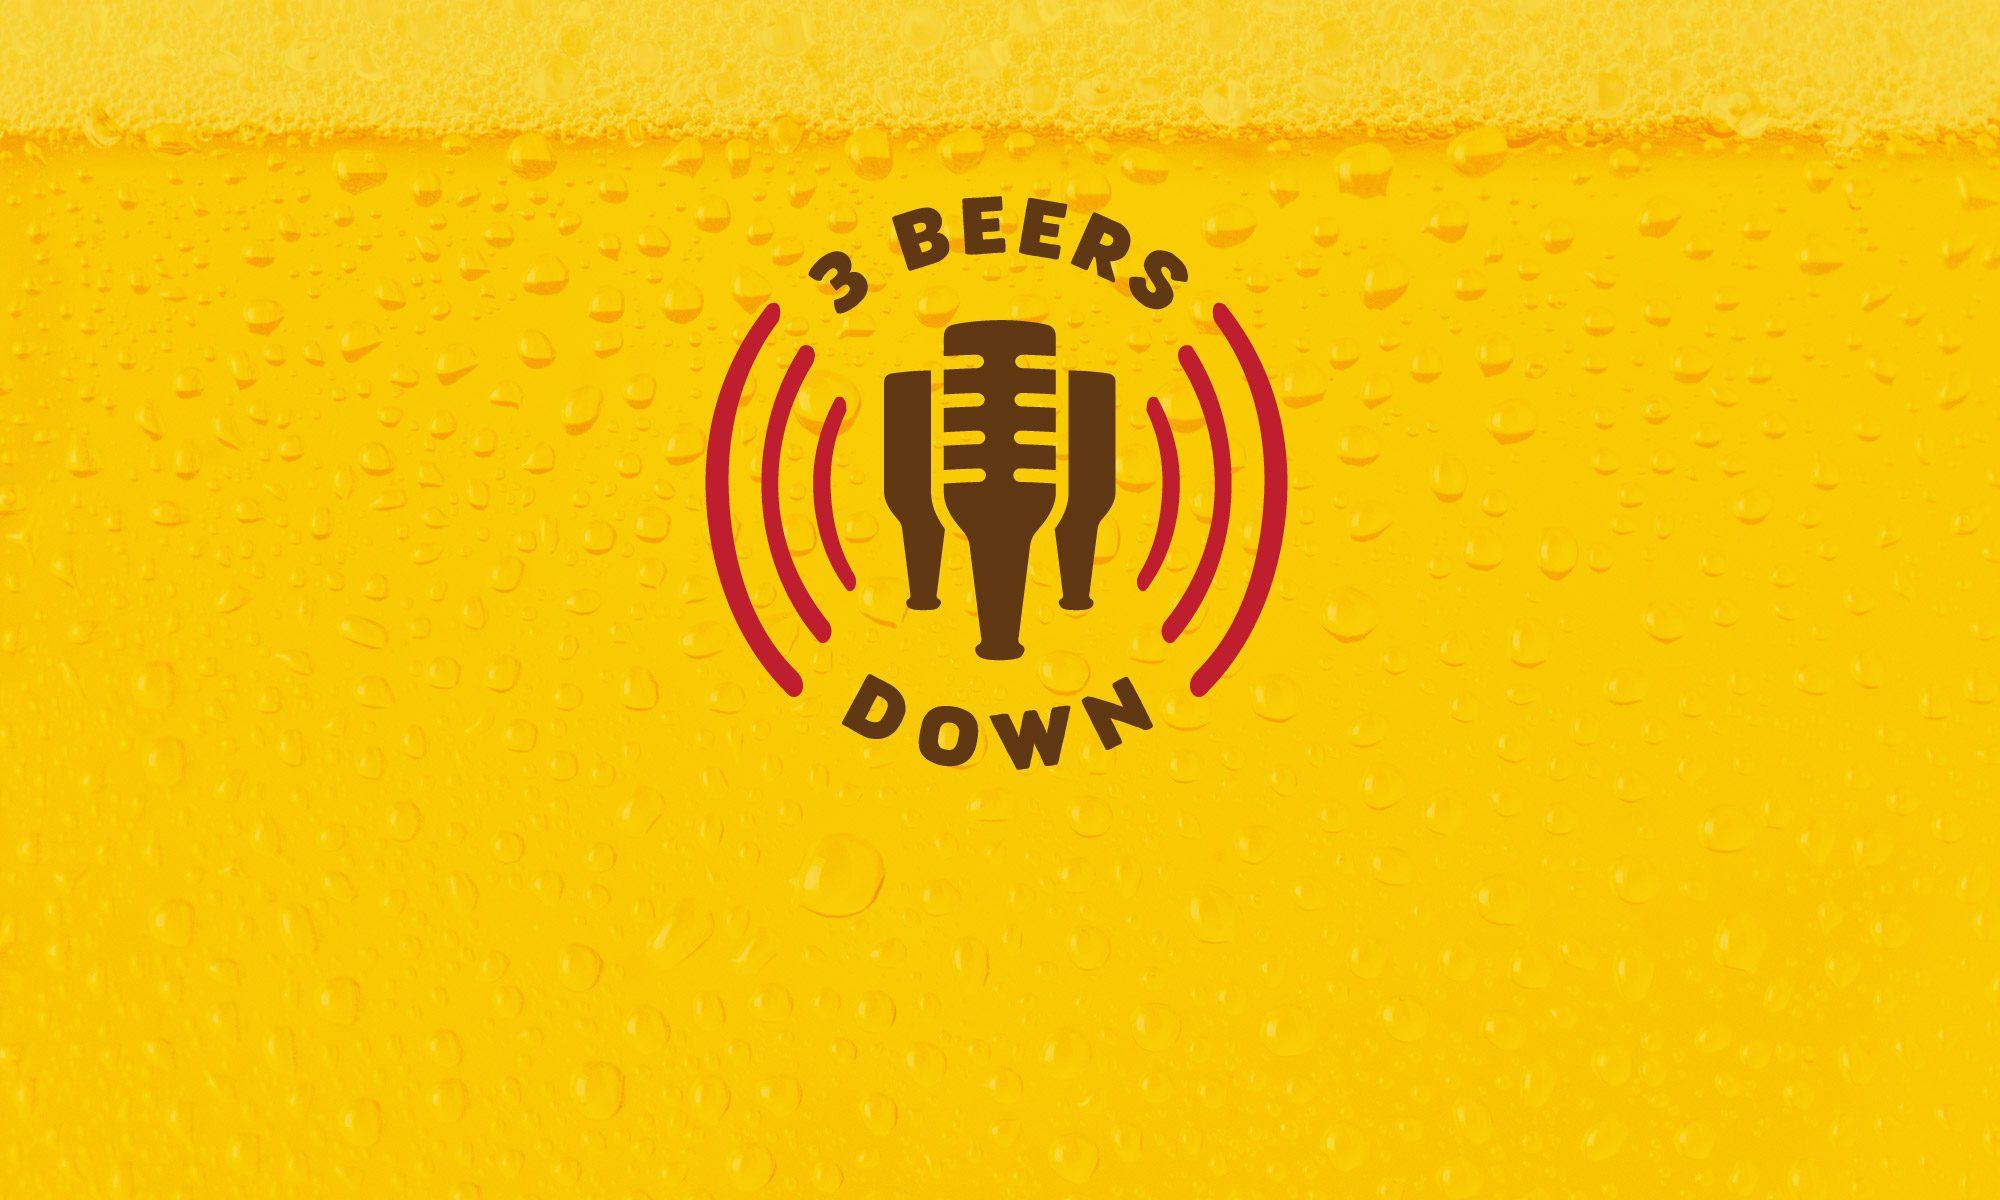 3 Beers Down